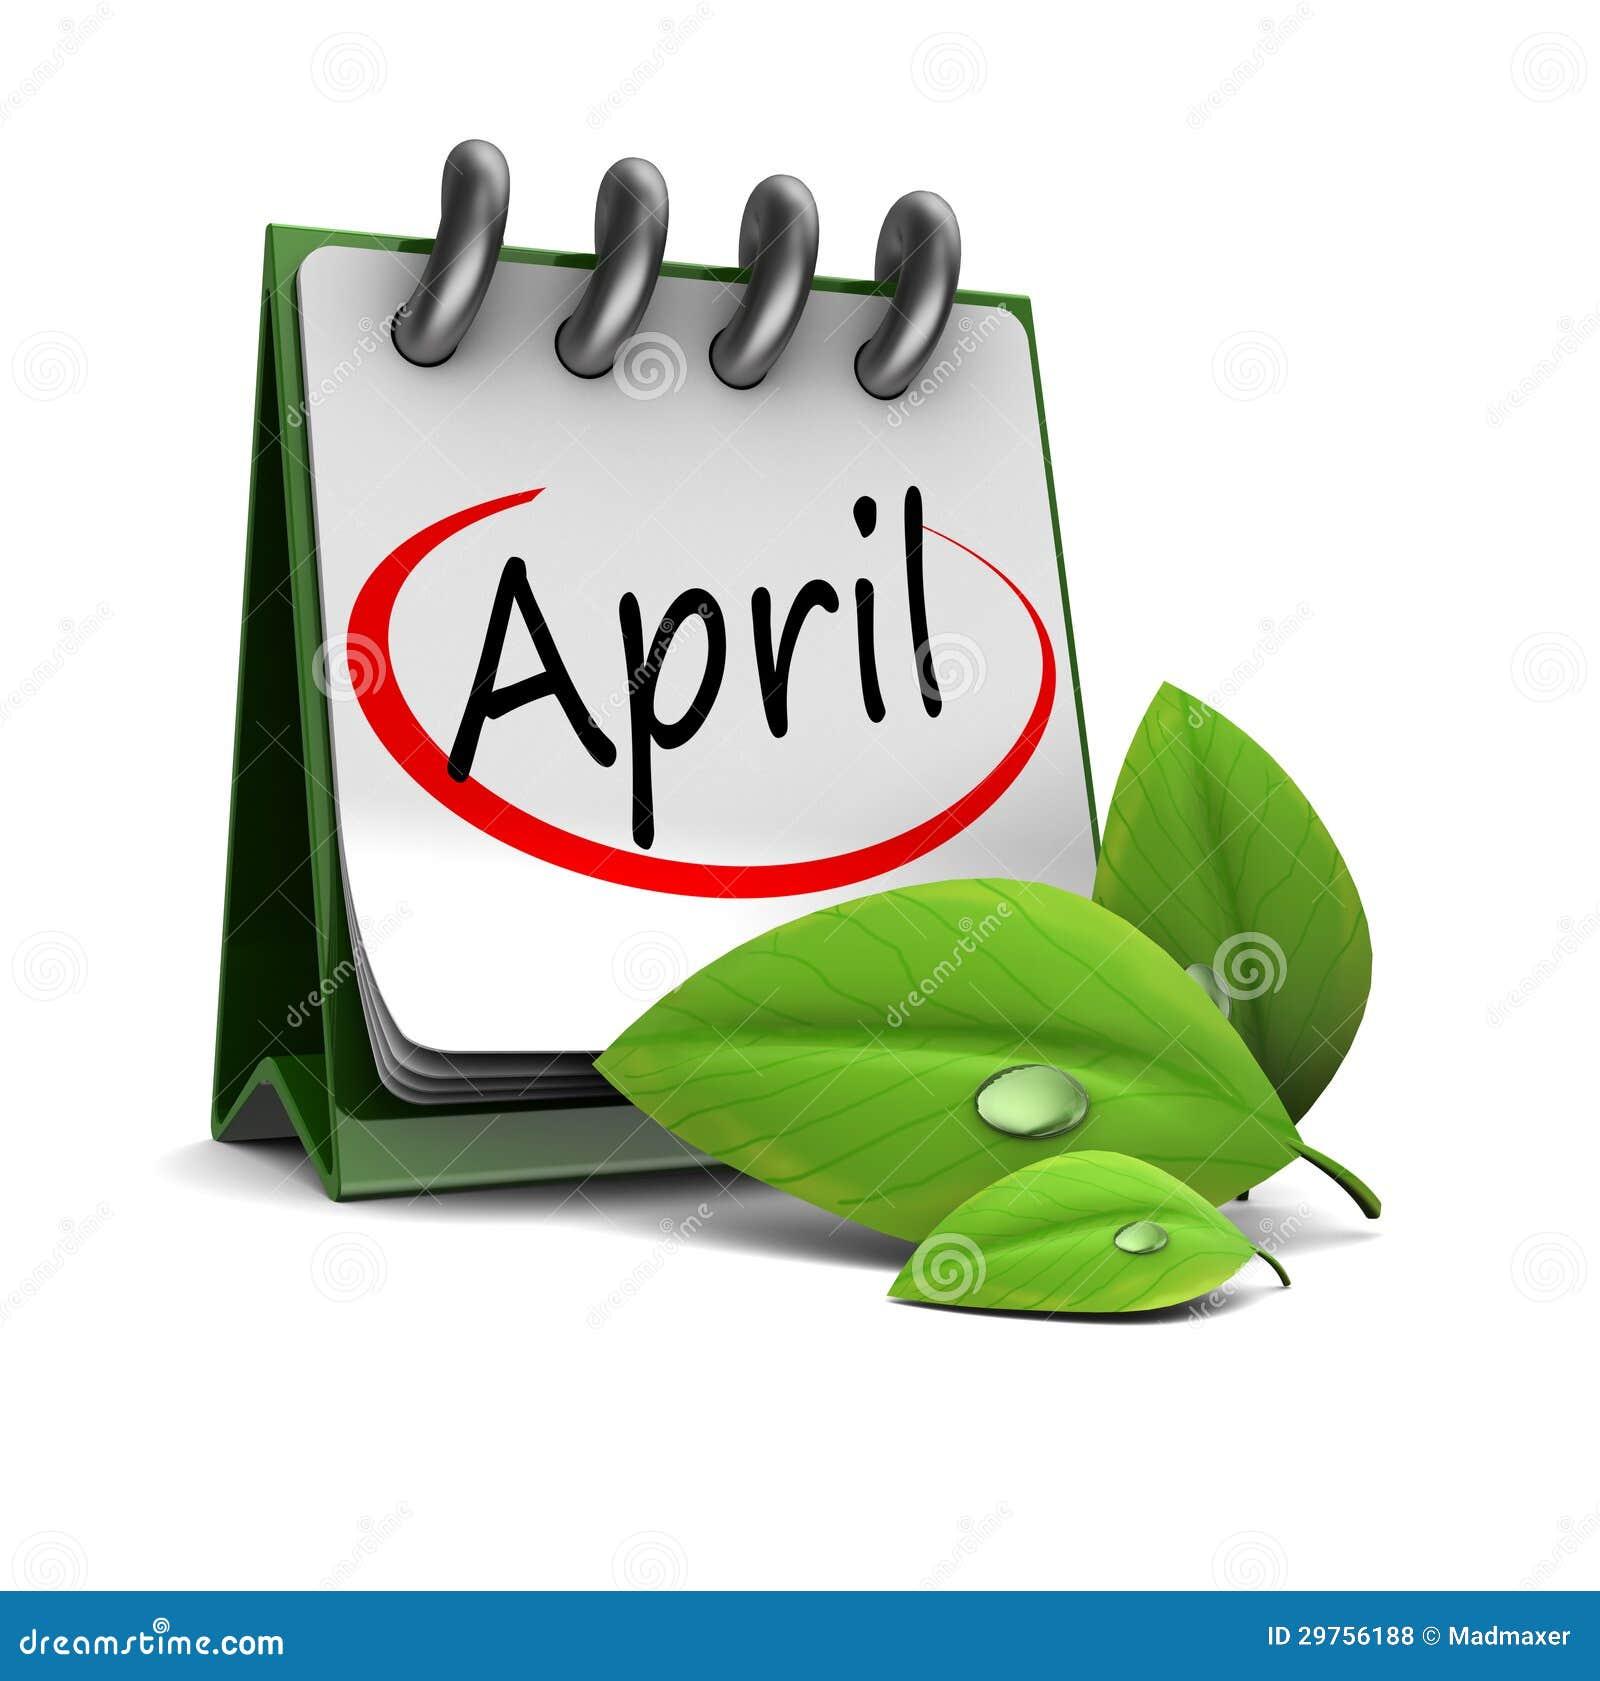 April Calendar Illustration : April calendar royalty free stock photos image